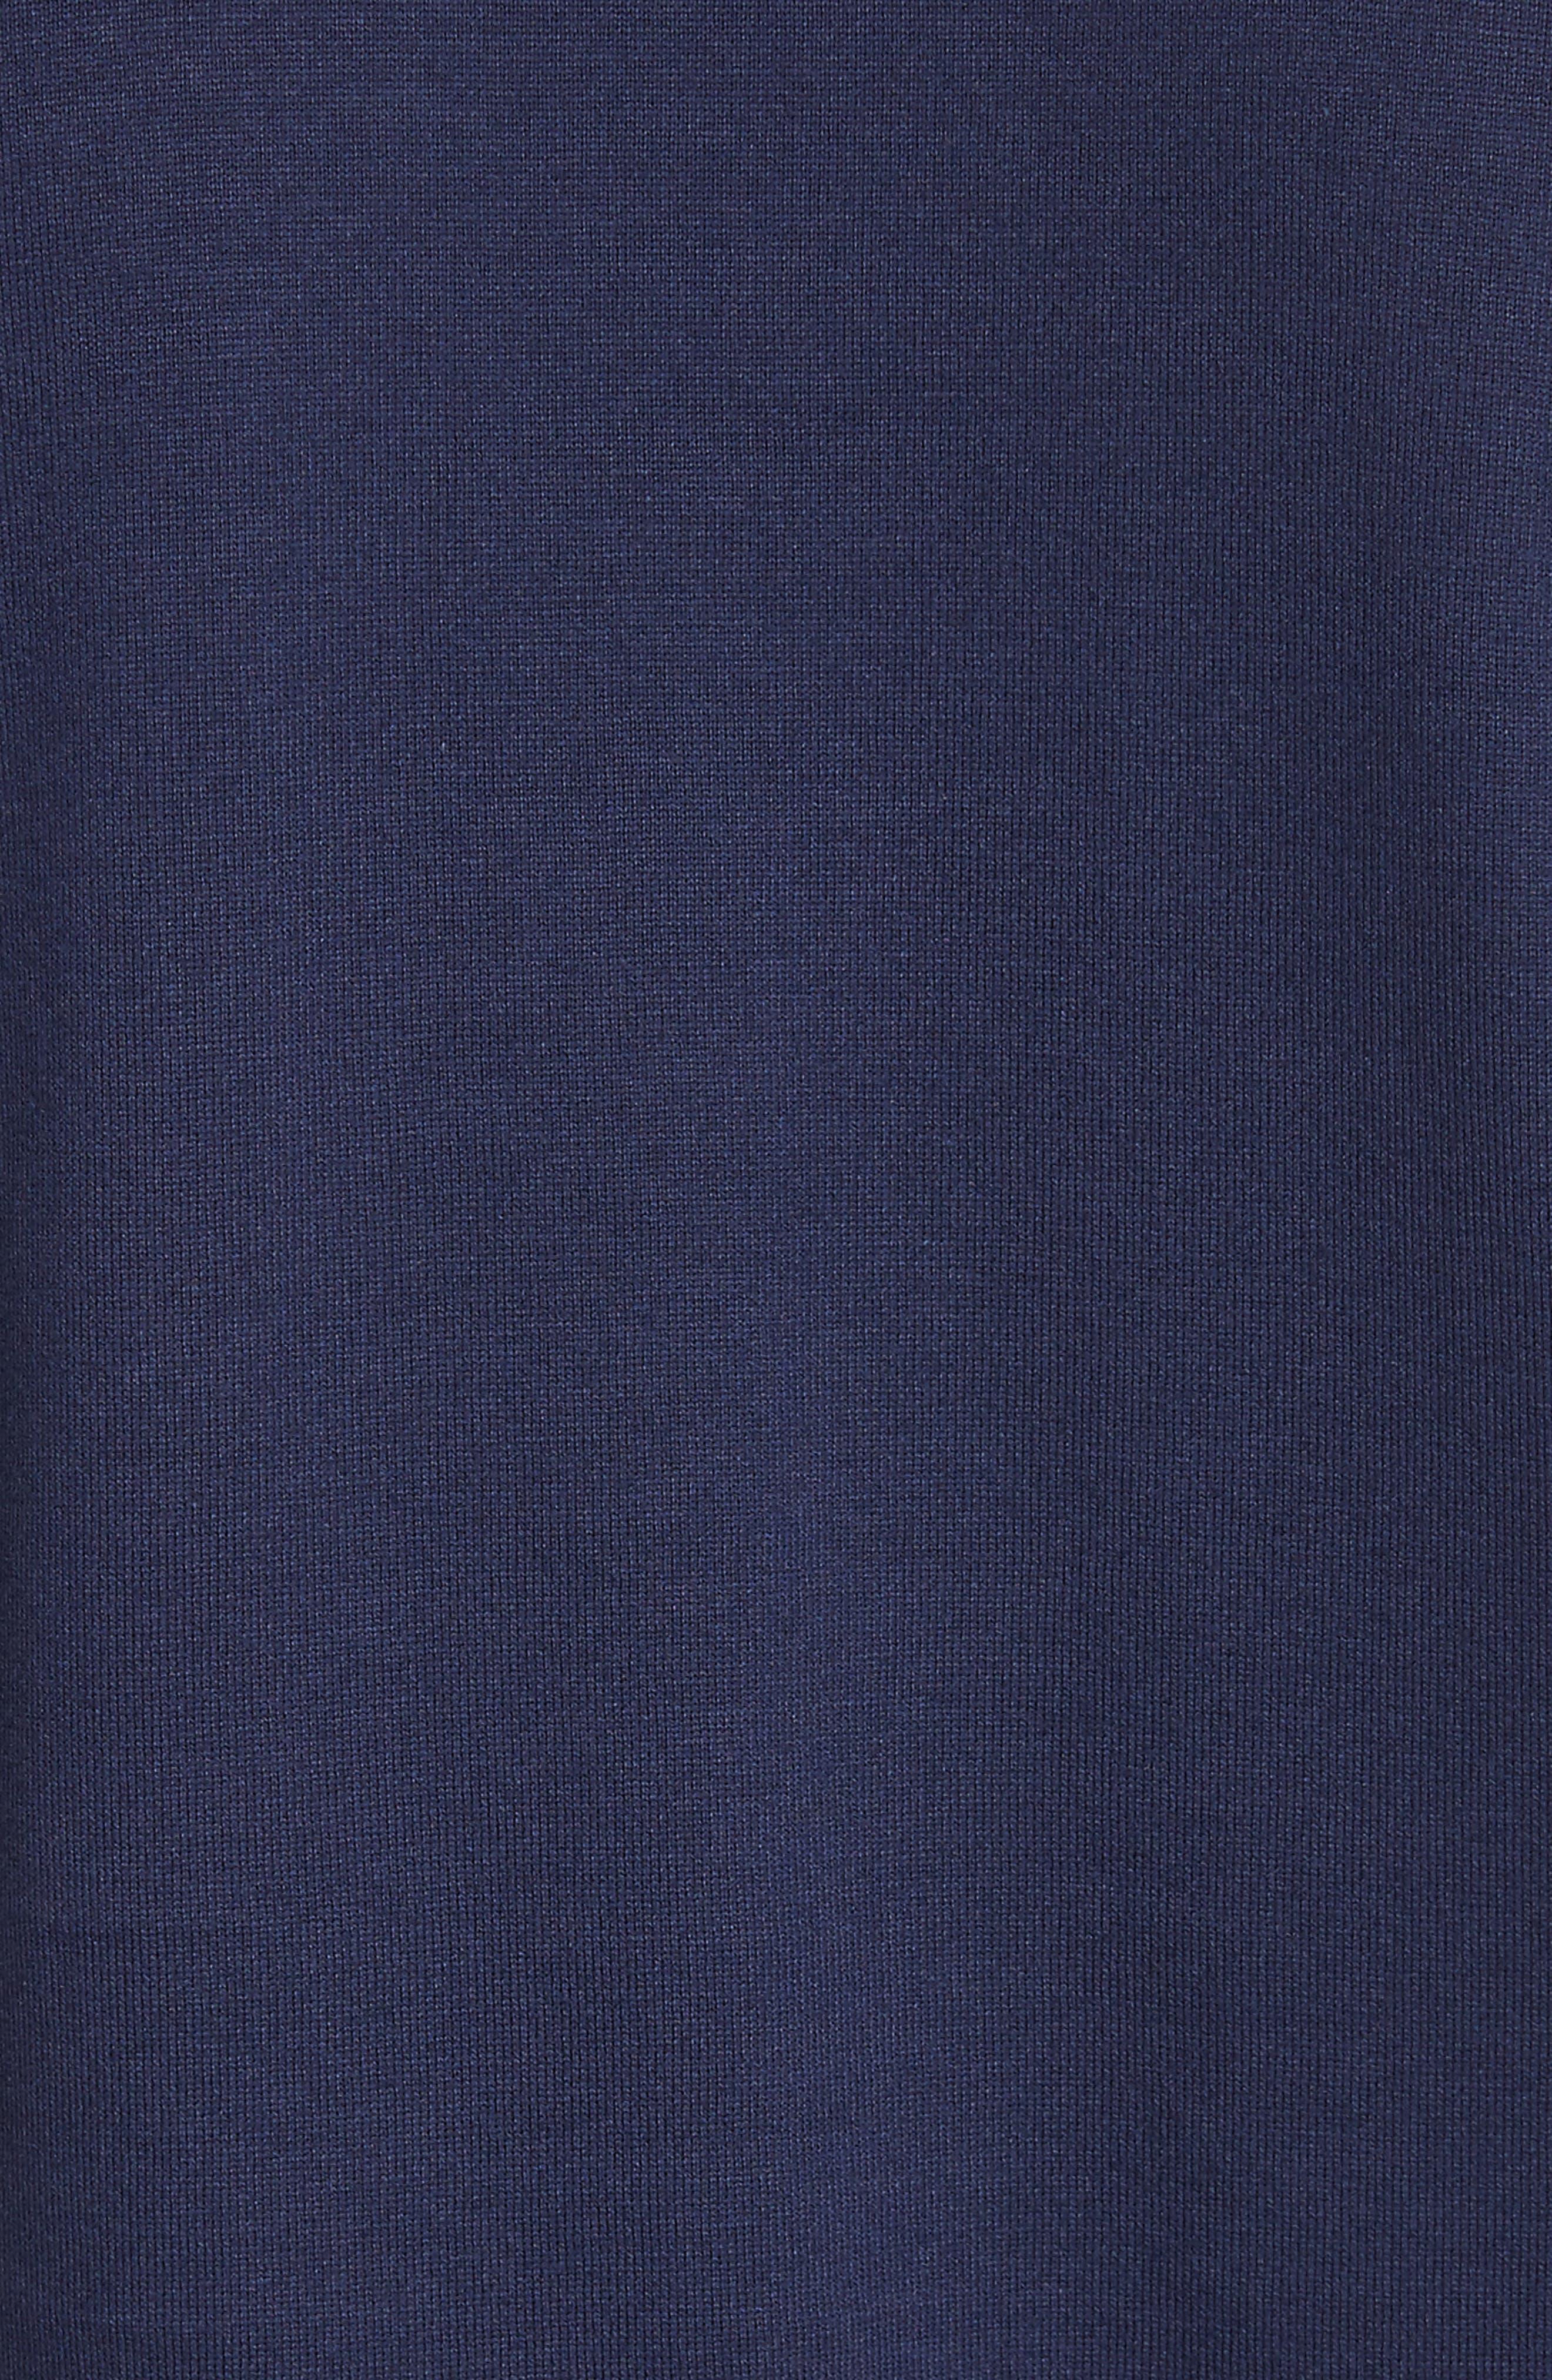 Alternate Image 5  - Comme des Garçons PLAY Graphic Patch T-Shirt